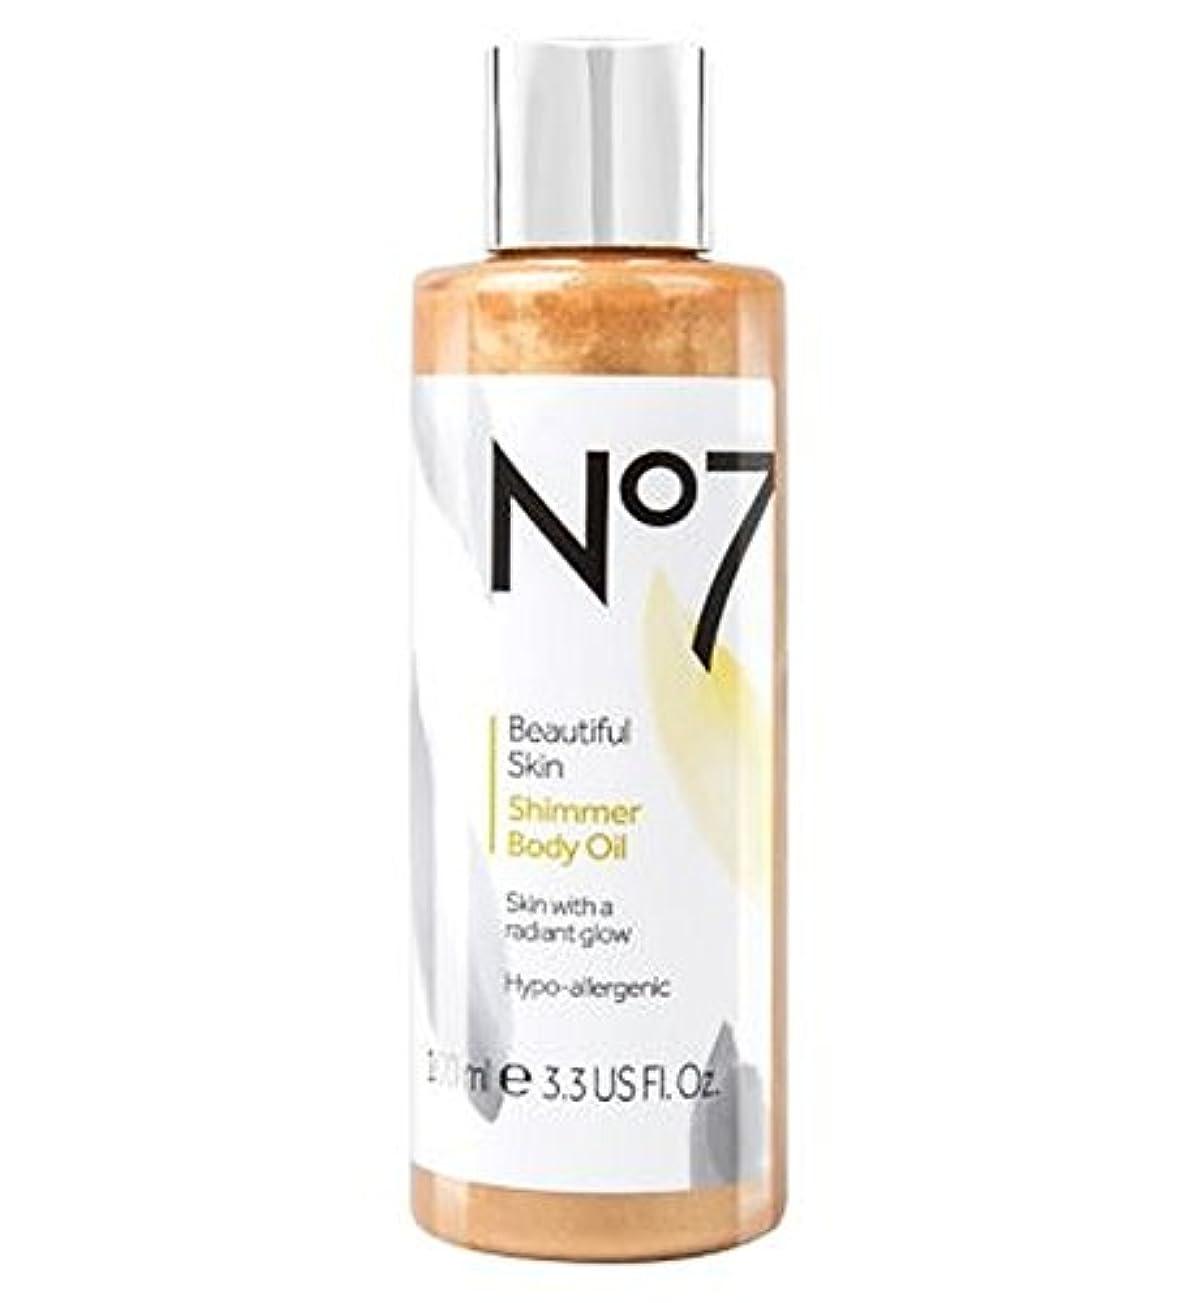 バスト始まり熟達したNo7 Beautiful Skin Shimmer Body Oil - No7美しい肌シマーボディオイル (No7) [並行輸入品]